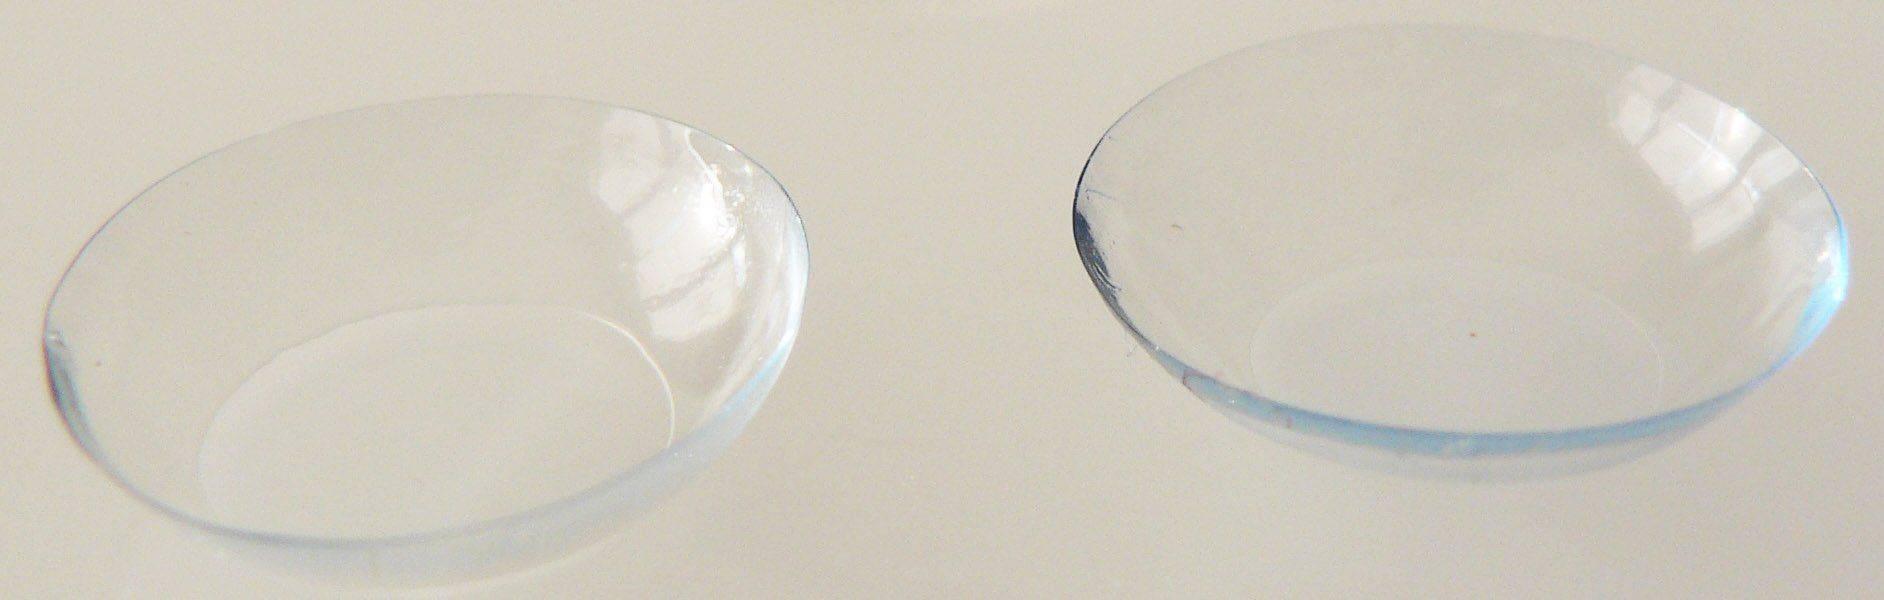 Превосходная замена очкам! астигматические линзы для коррекции зрения: что это такое?